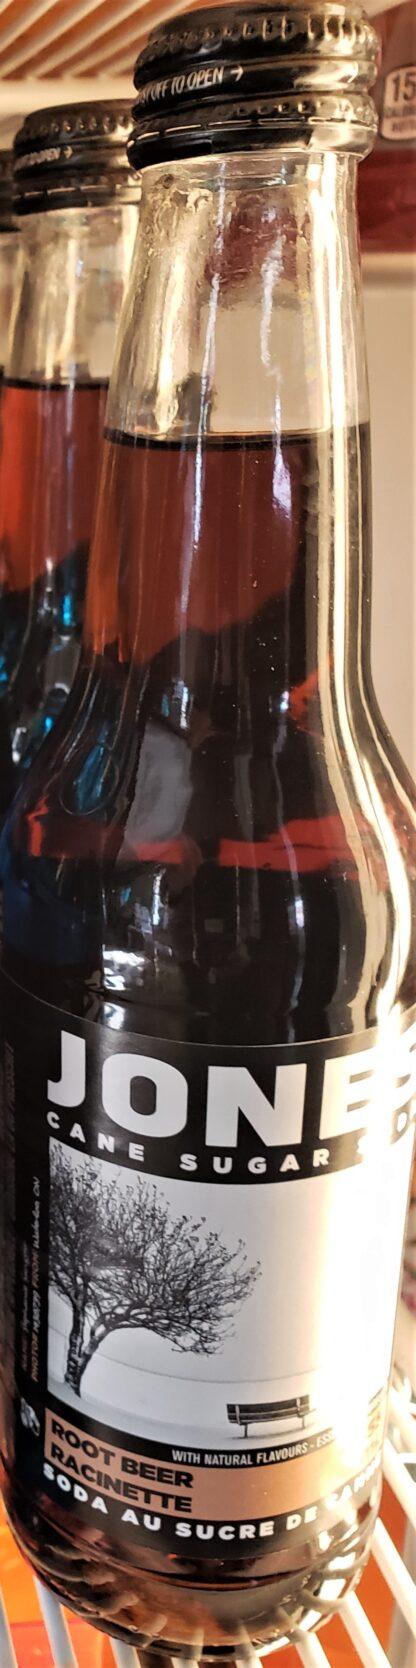 jones bottle root beer